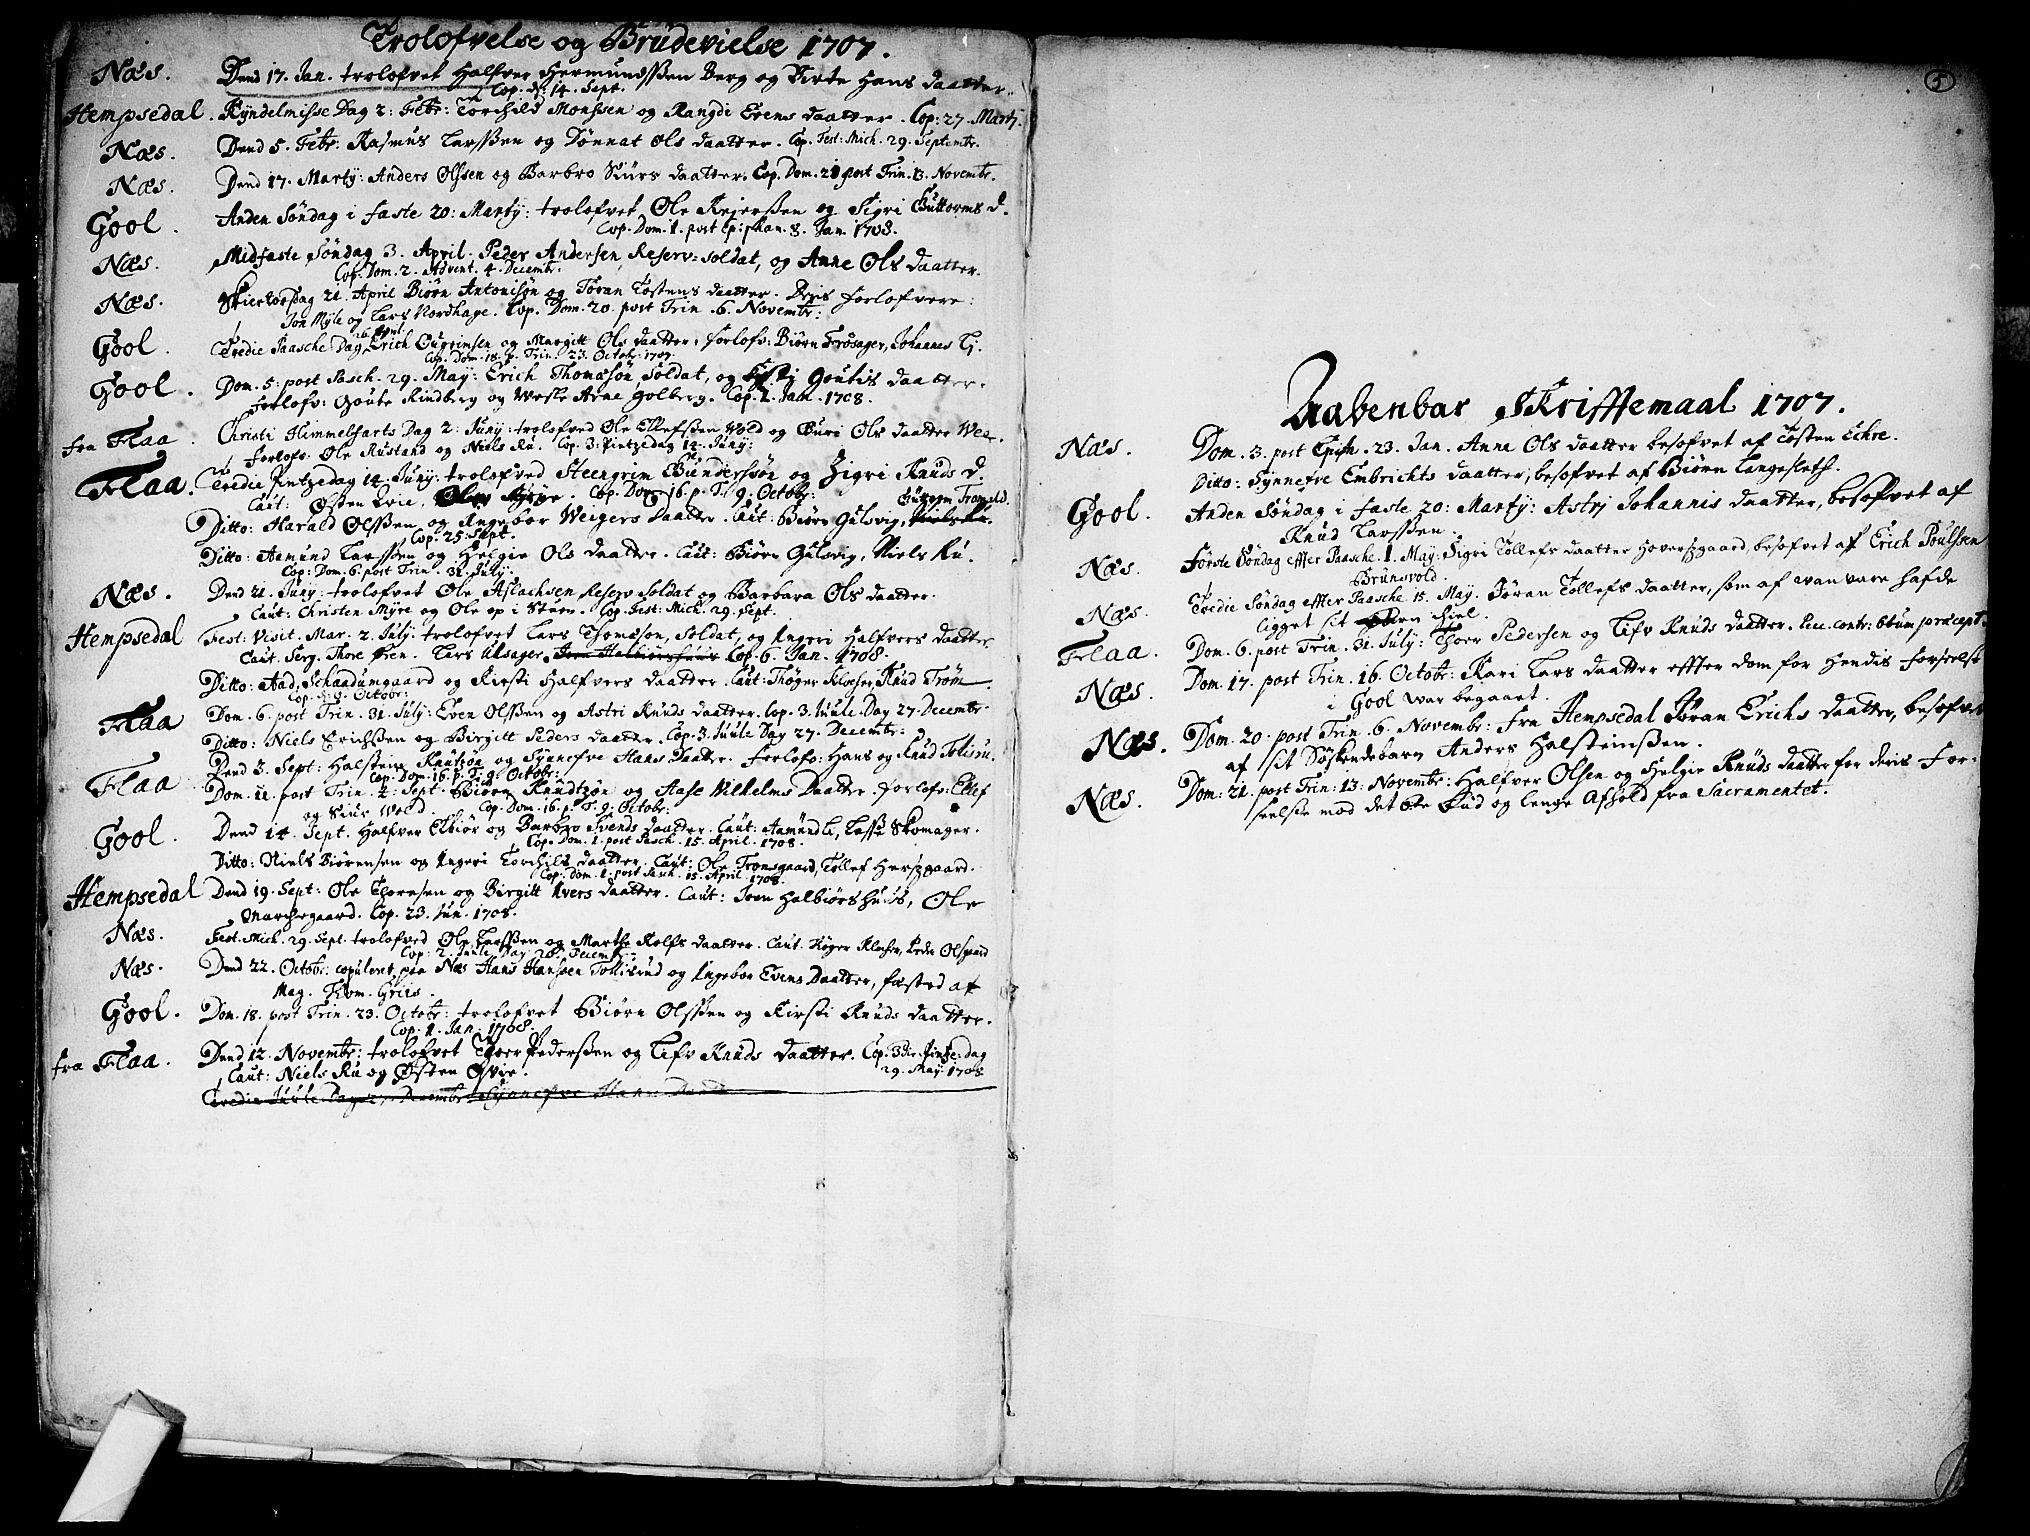 SAKO, Nes kirkebøker, F/Fa/L0002: Ministerialbok nr. 2, 1707-1759, s. 5